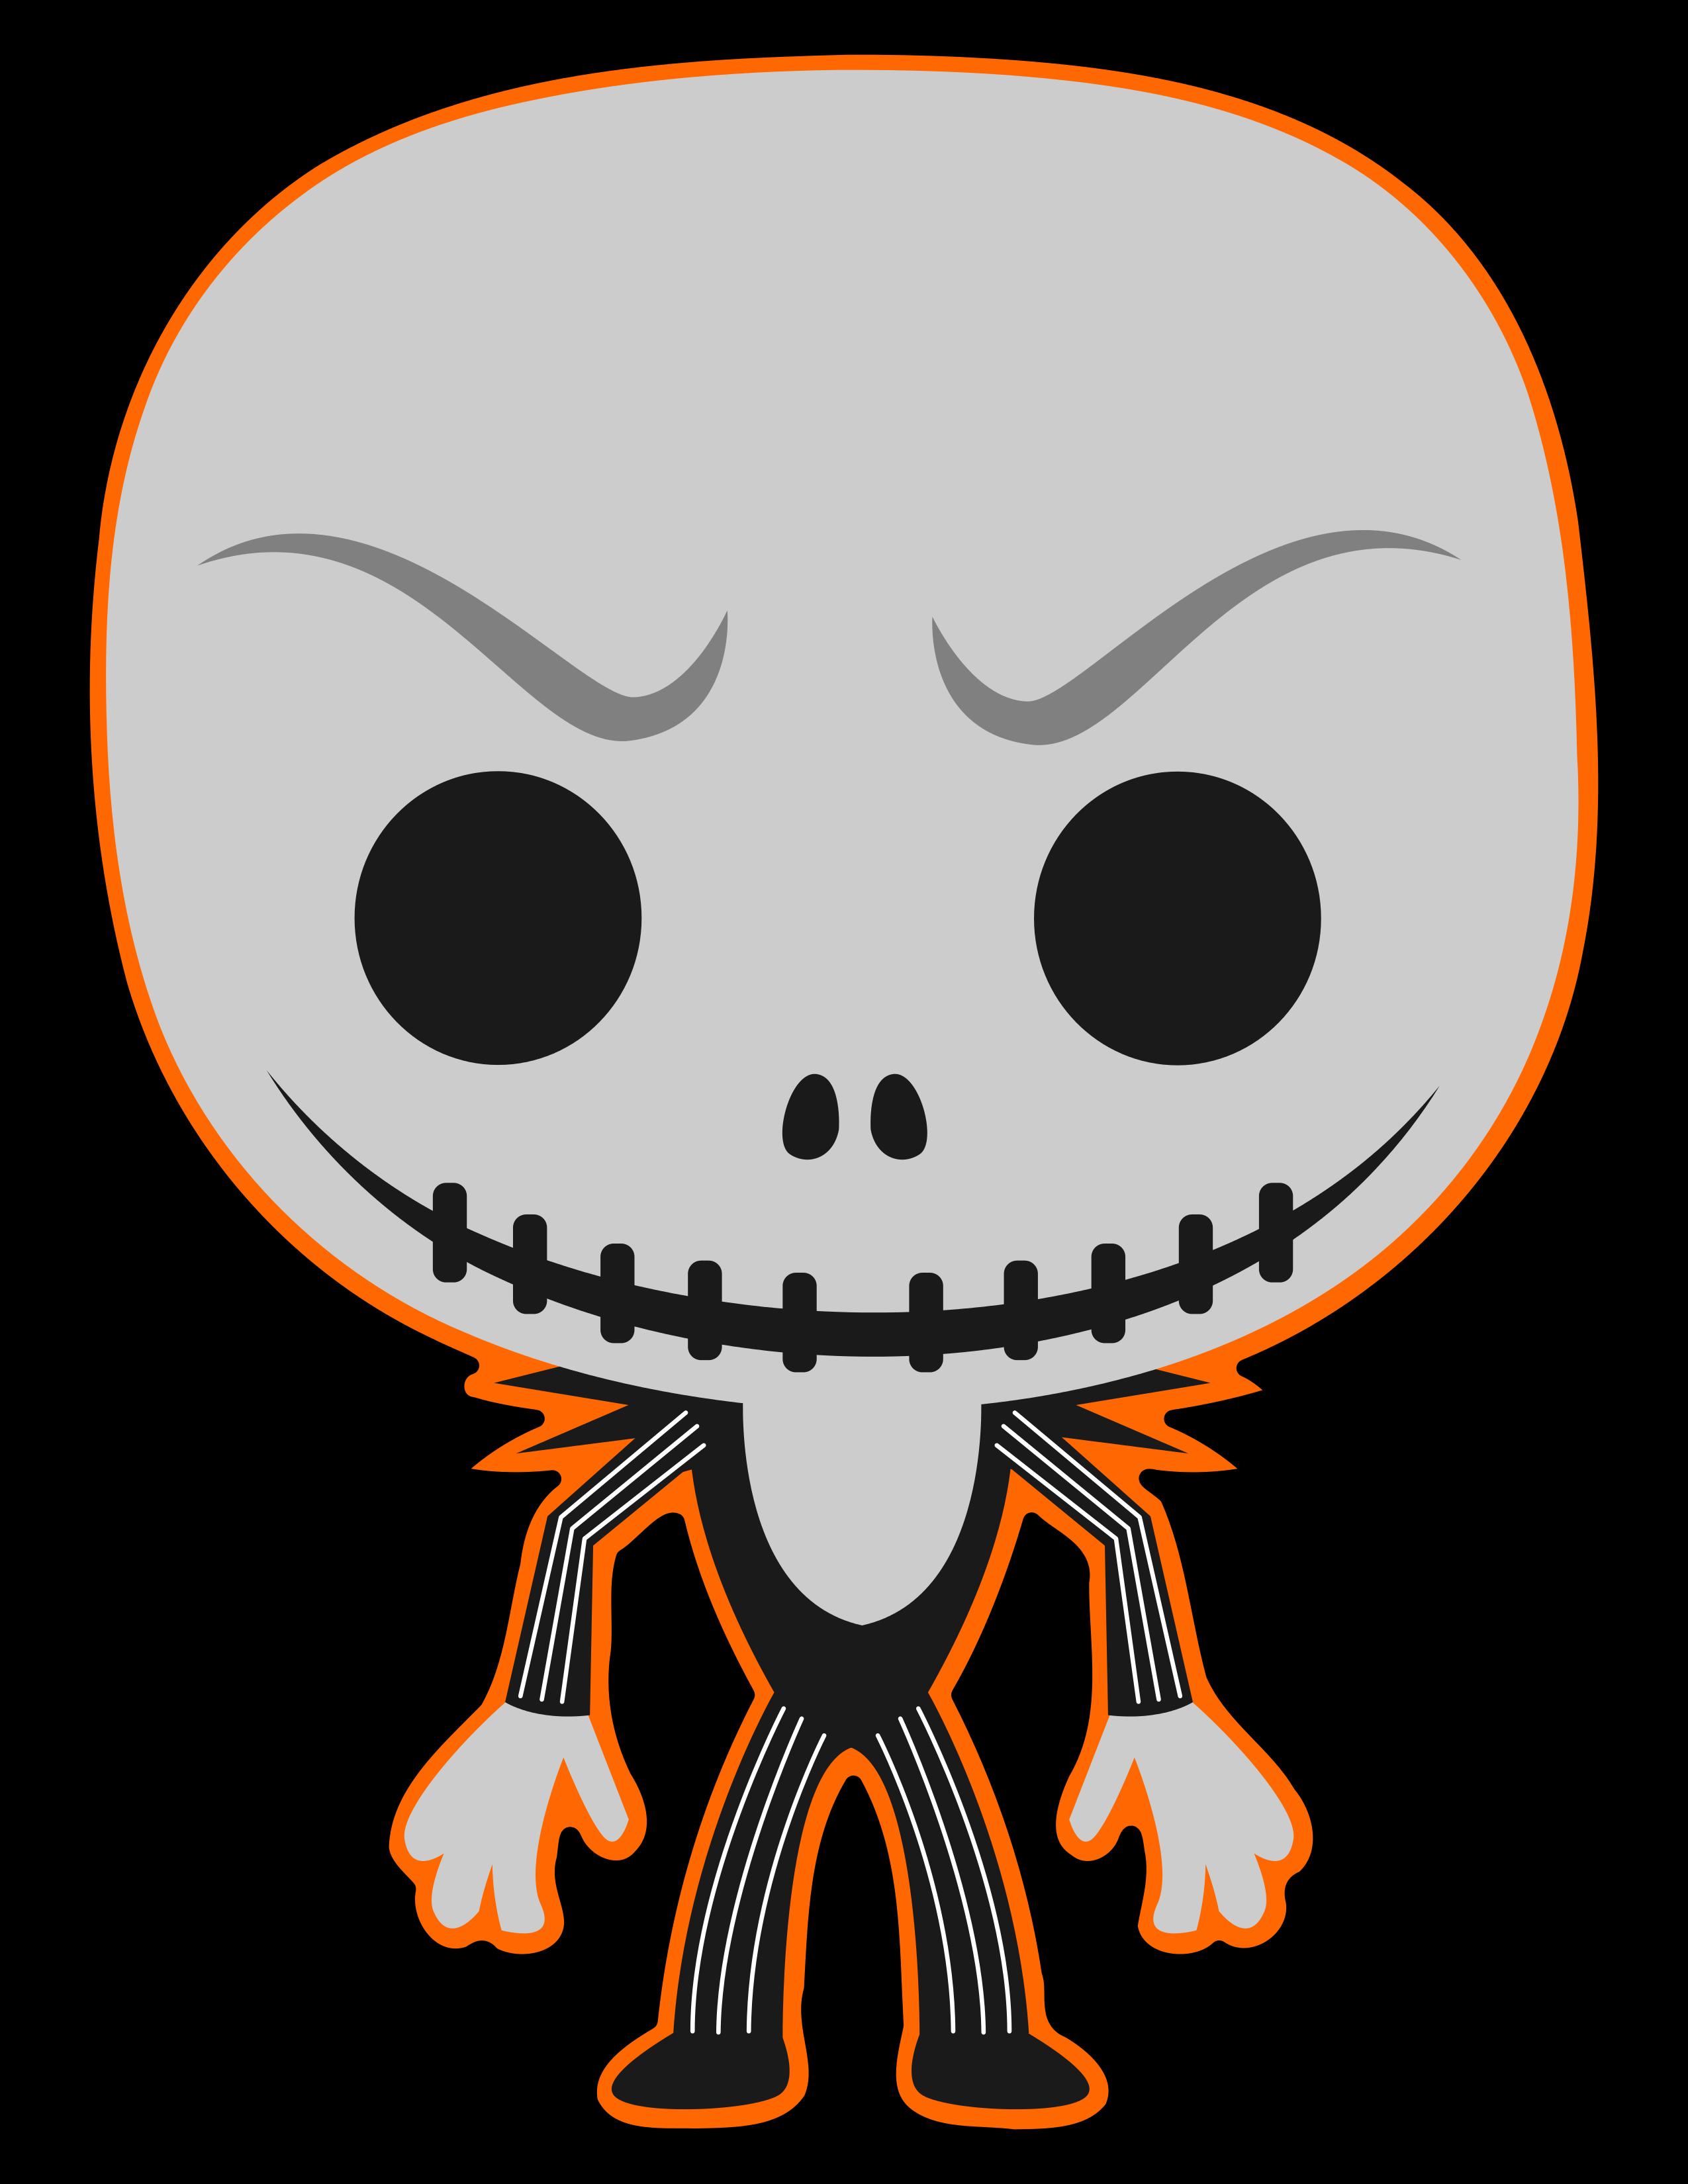 Halloween chucky dracula freddy. Hands clipart clown